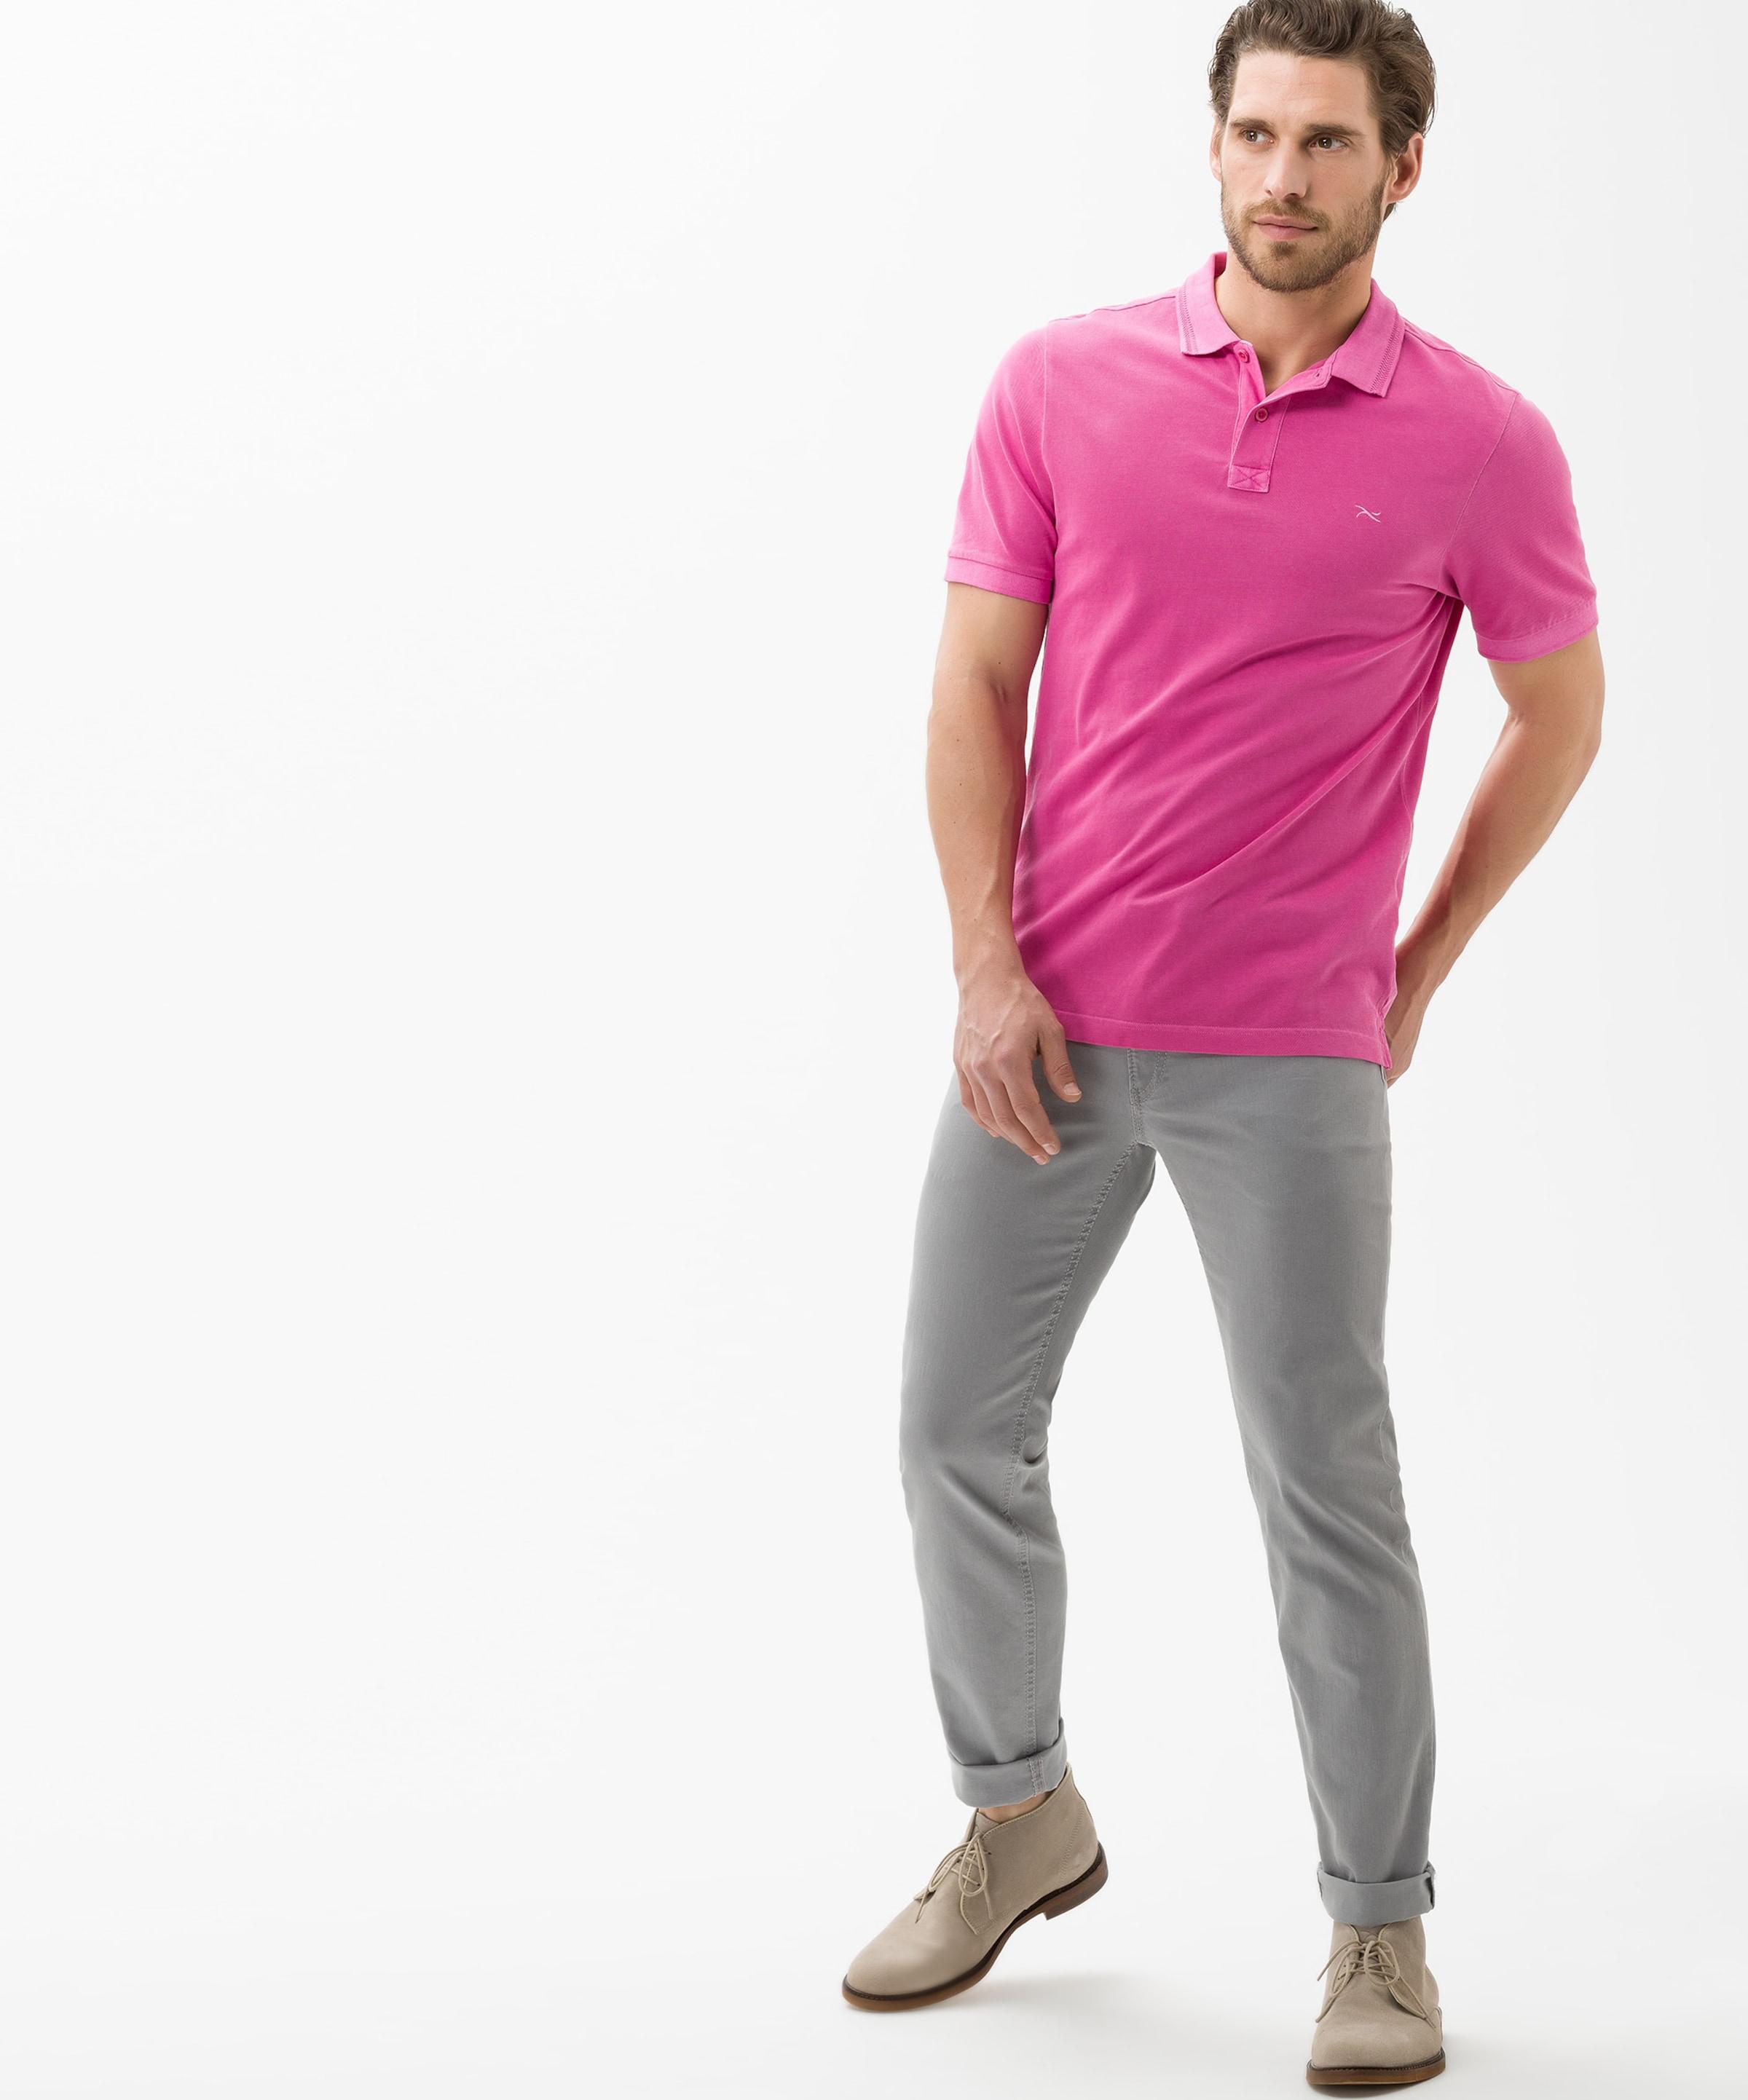 Brax Poloshirt In Brax Neonpink 'pele' Poloshirt Poloshirt 'pele' 'pele' In Brax Neonpink In BerCdxo